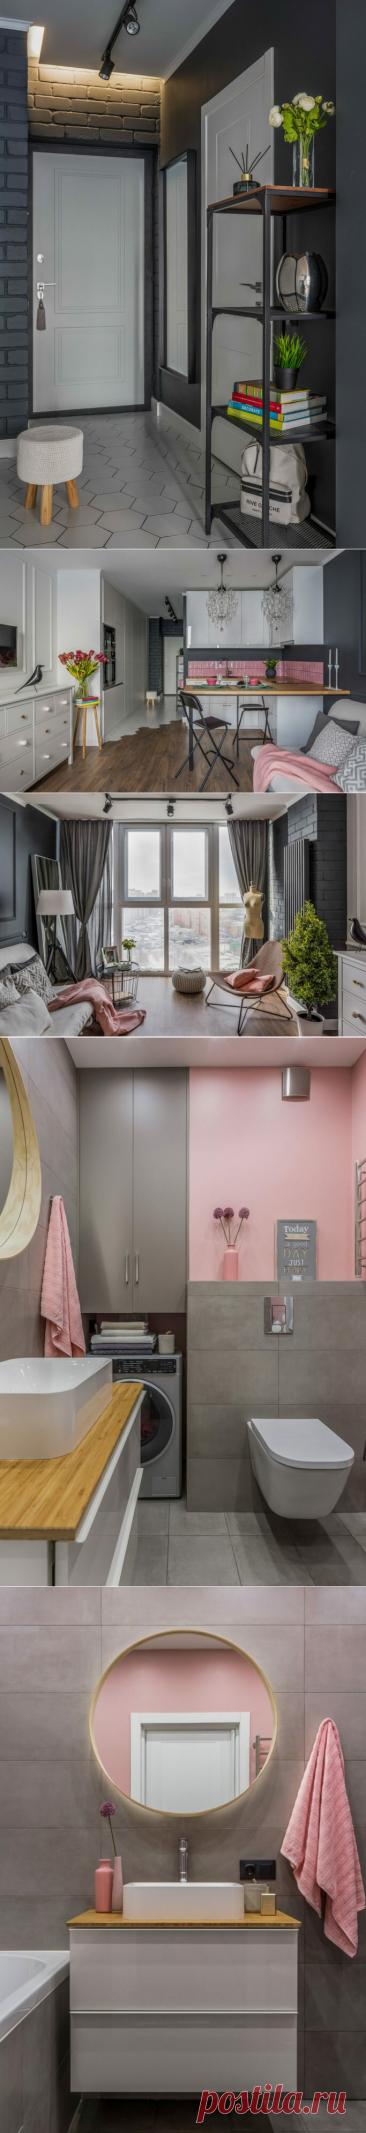 Белый, серый и немного розового... Стильный интерьер студии для девушки | DECOrry | Яндекс Дзен